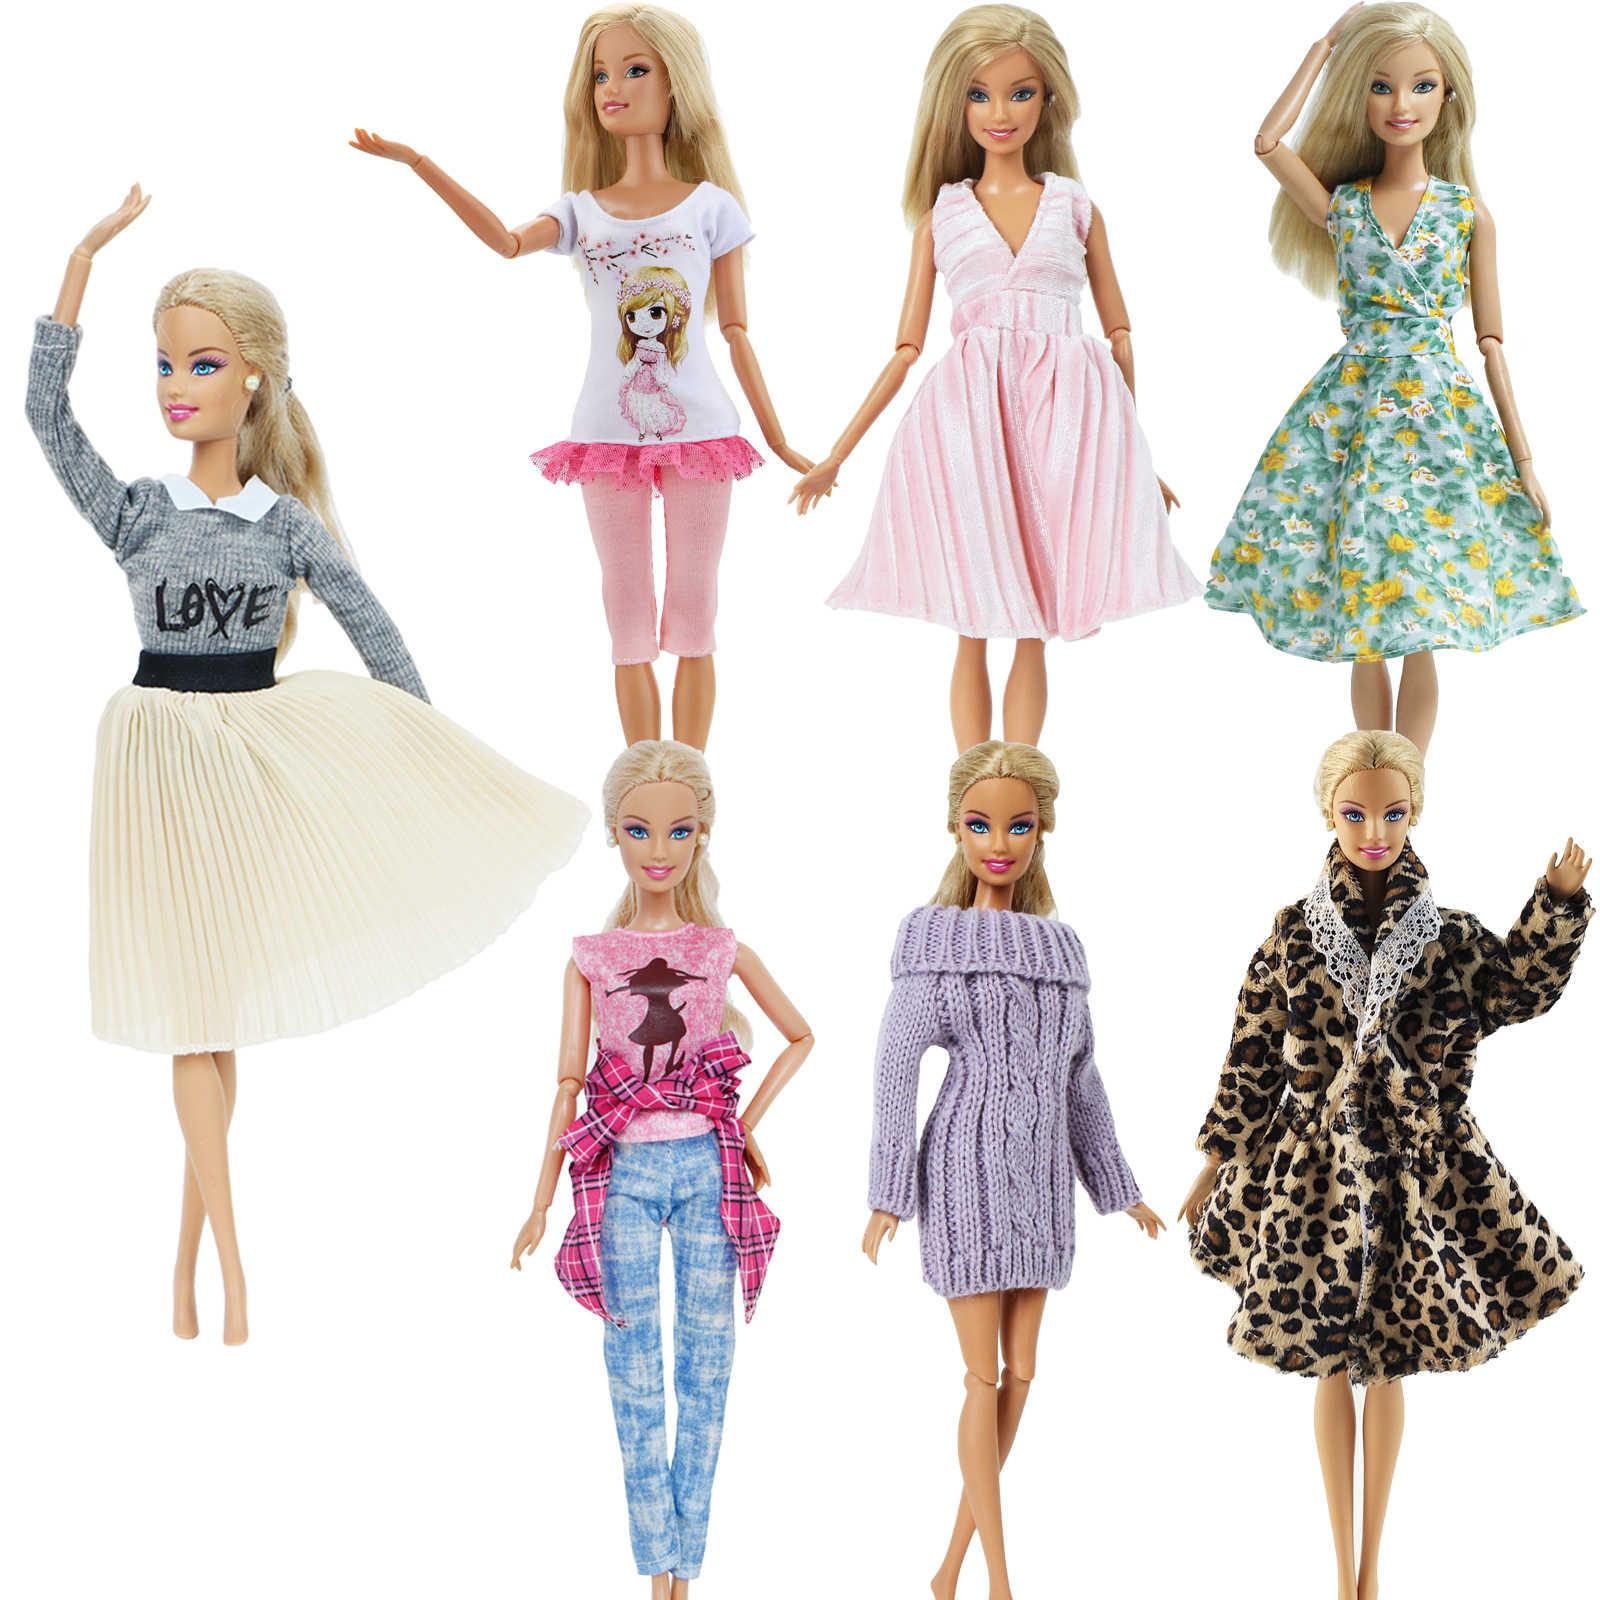 1 個手作りファッション衣装ショートドレス漫画かわいいパターン Tシャツレギンスズボンアクセサリー服バービー人形玩具